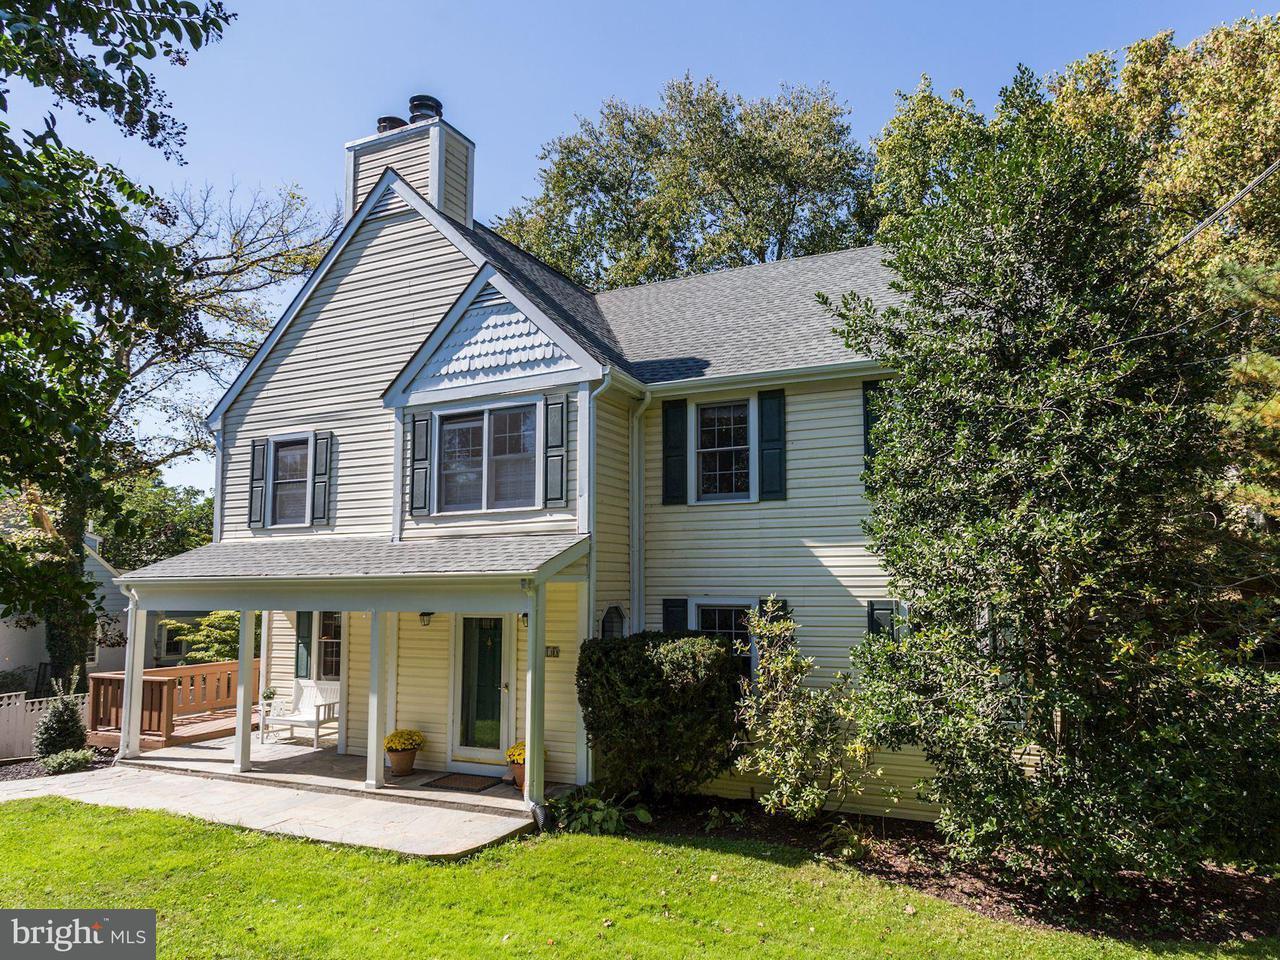 一戸建て のために 売買 アット 6510 79th Street 6510 79th Street Cabin John, メリーランド 20818 アメリカ合衆国